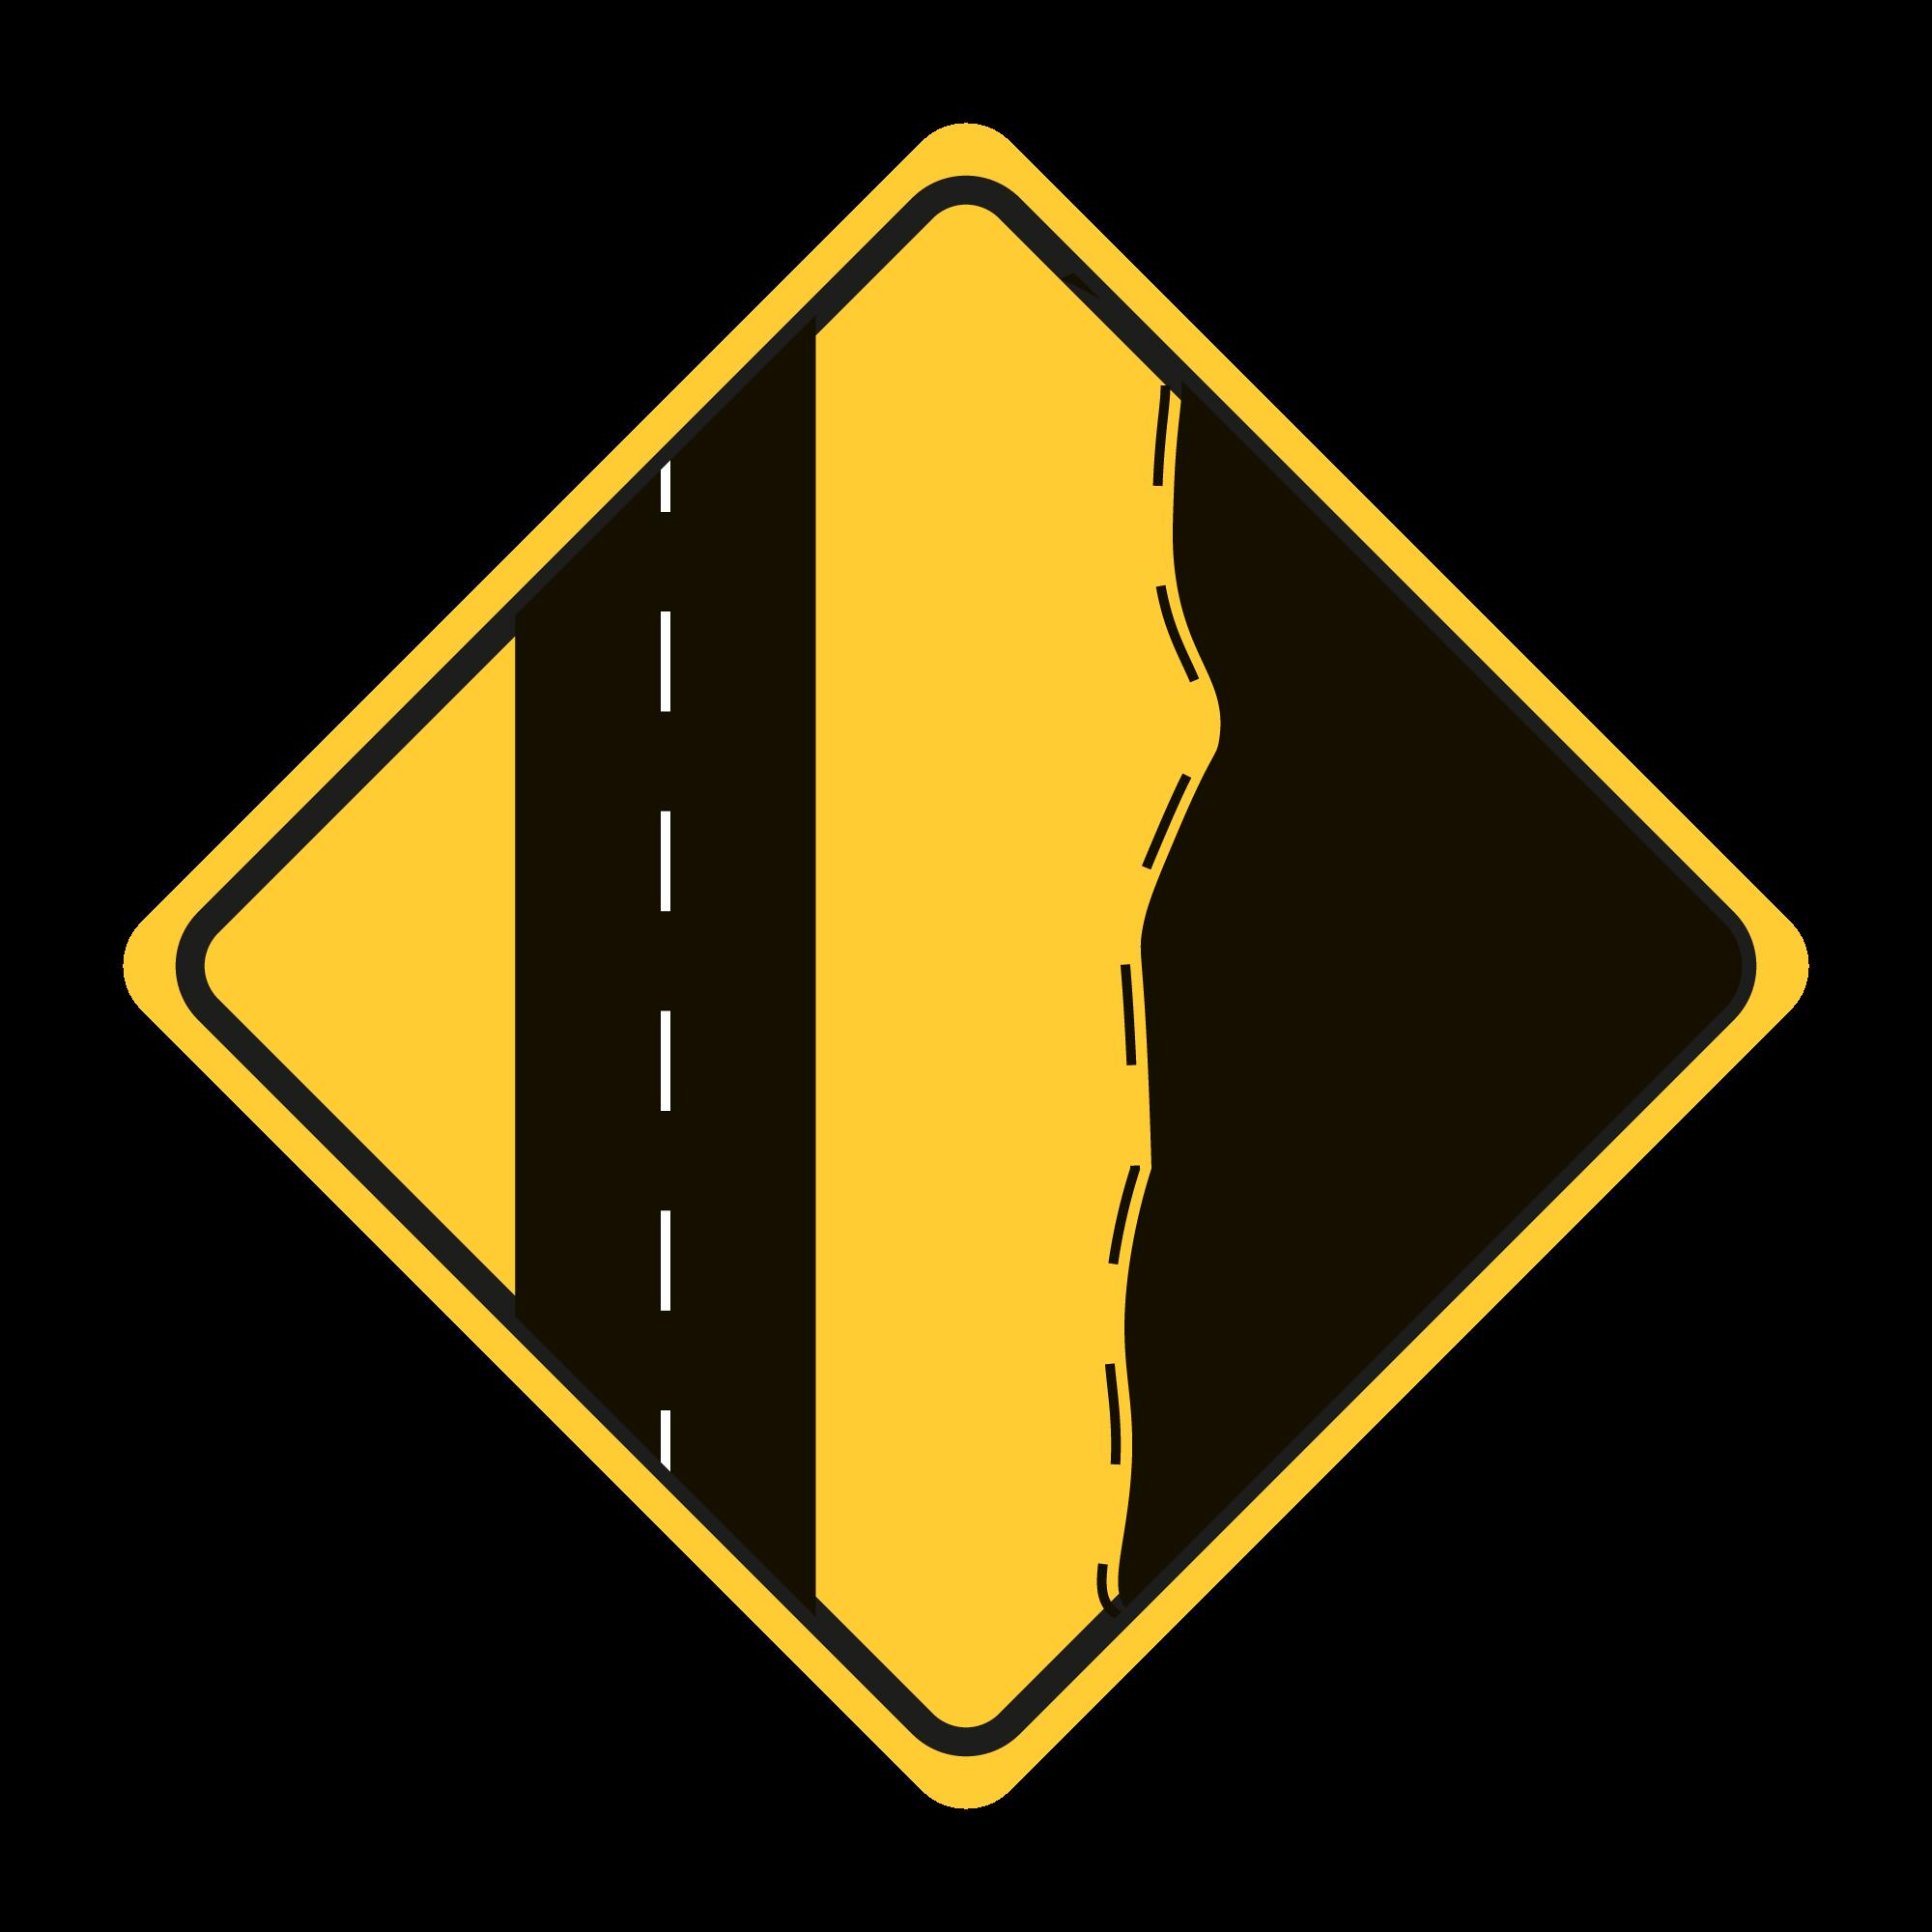 AMARILLO - Excelente compuesto tradicional para uso mixto en carretera asfaltada / tercería